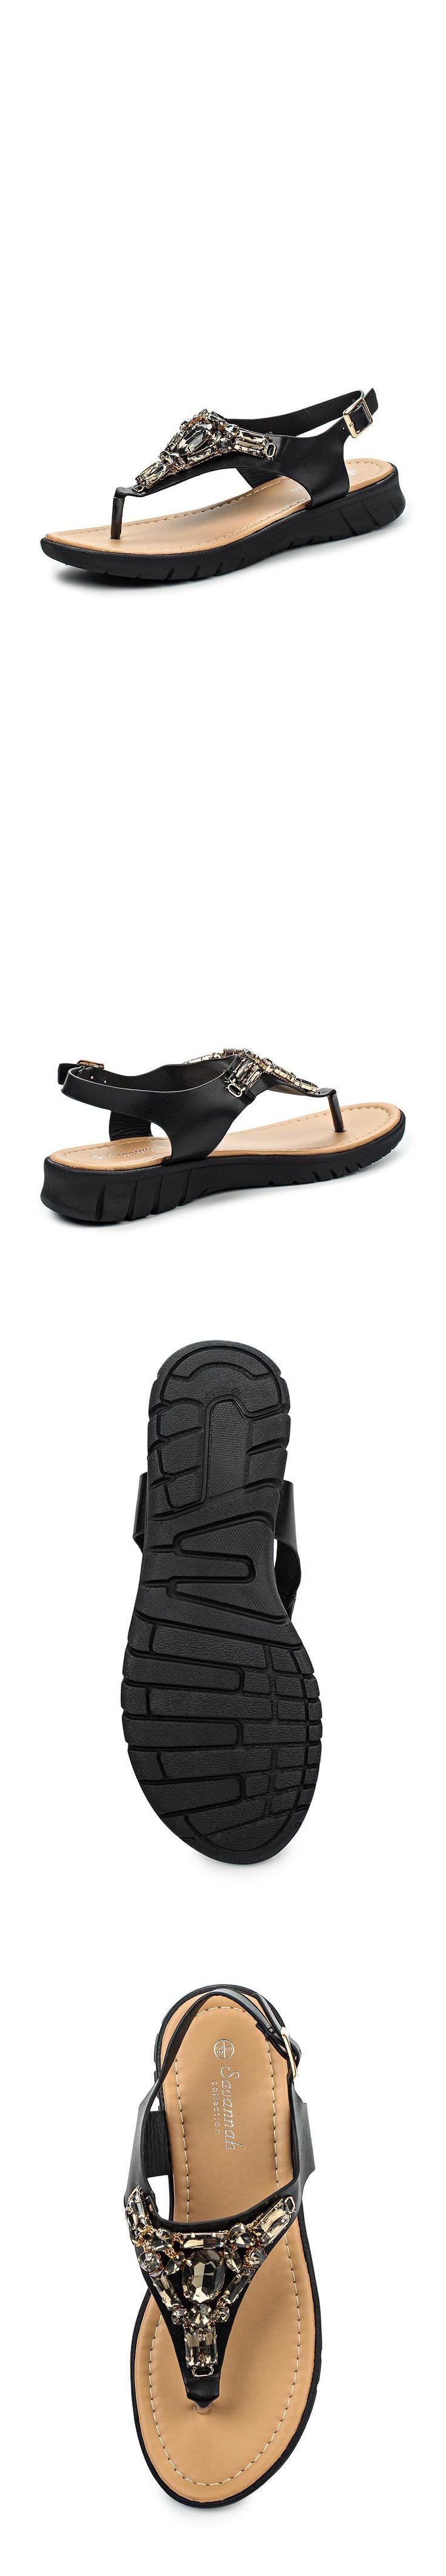 Женская обувь сандалии Savannah за 2920.00 руб.